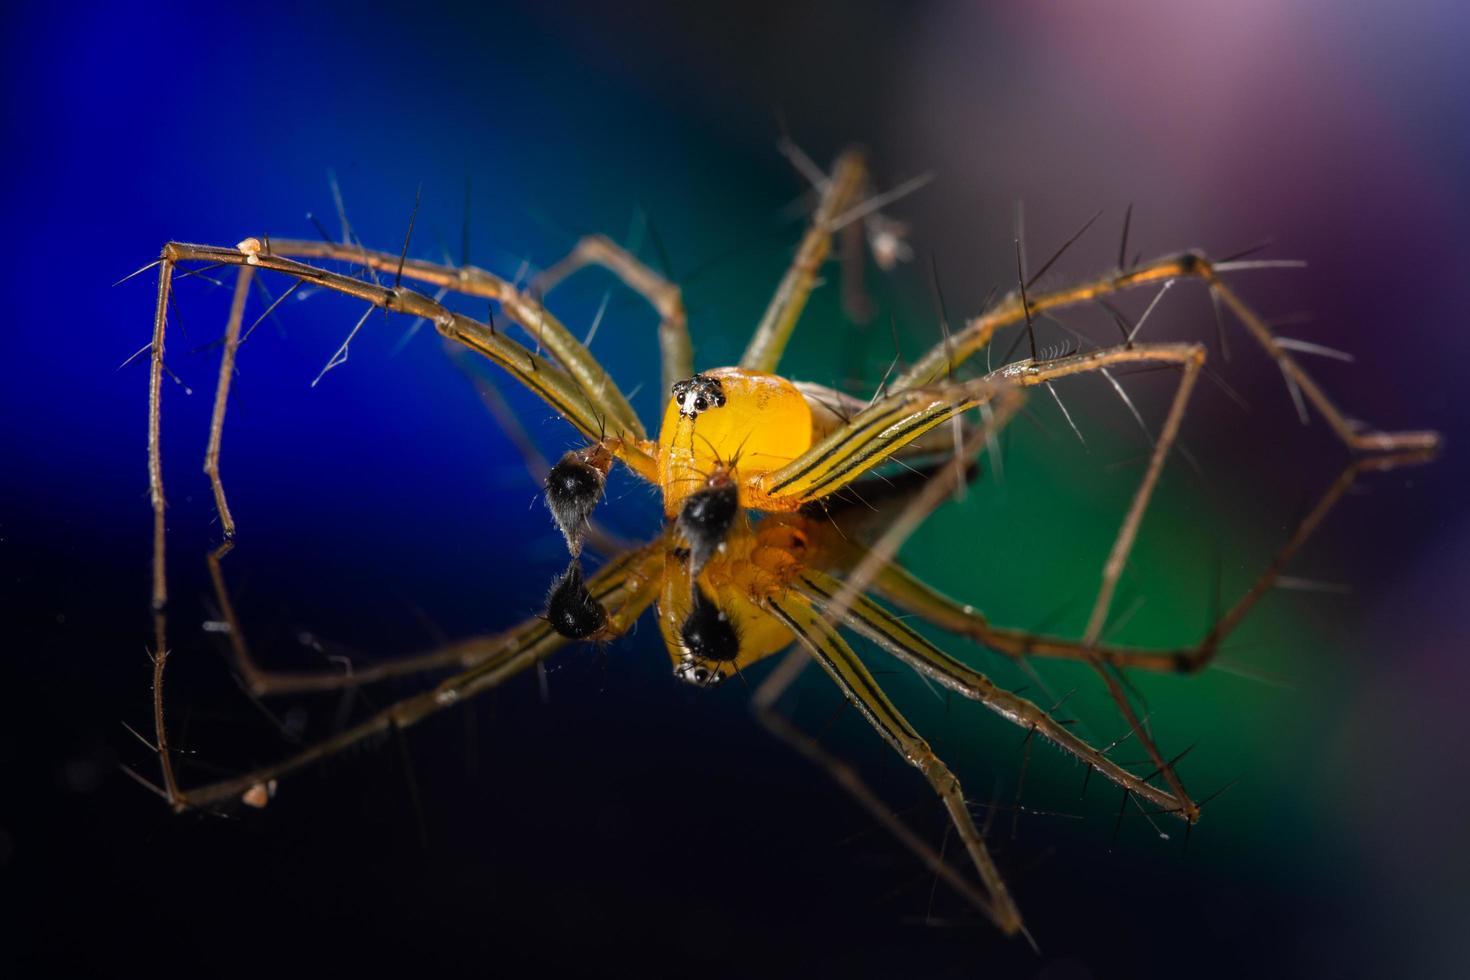 ragno su uno sfondo riflettente foto